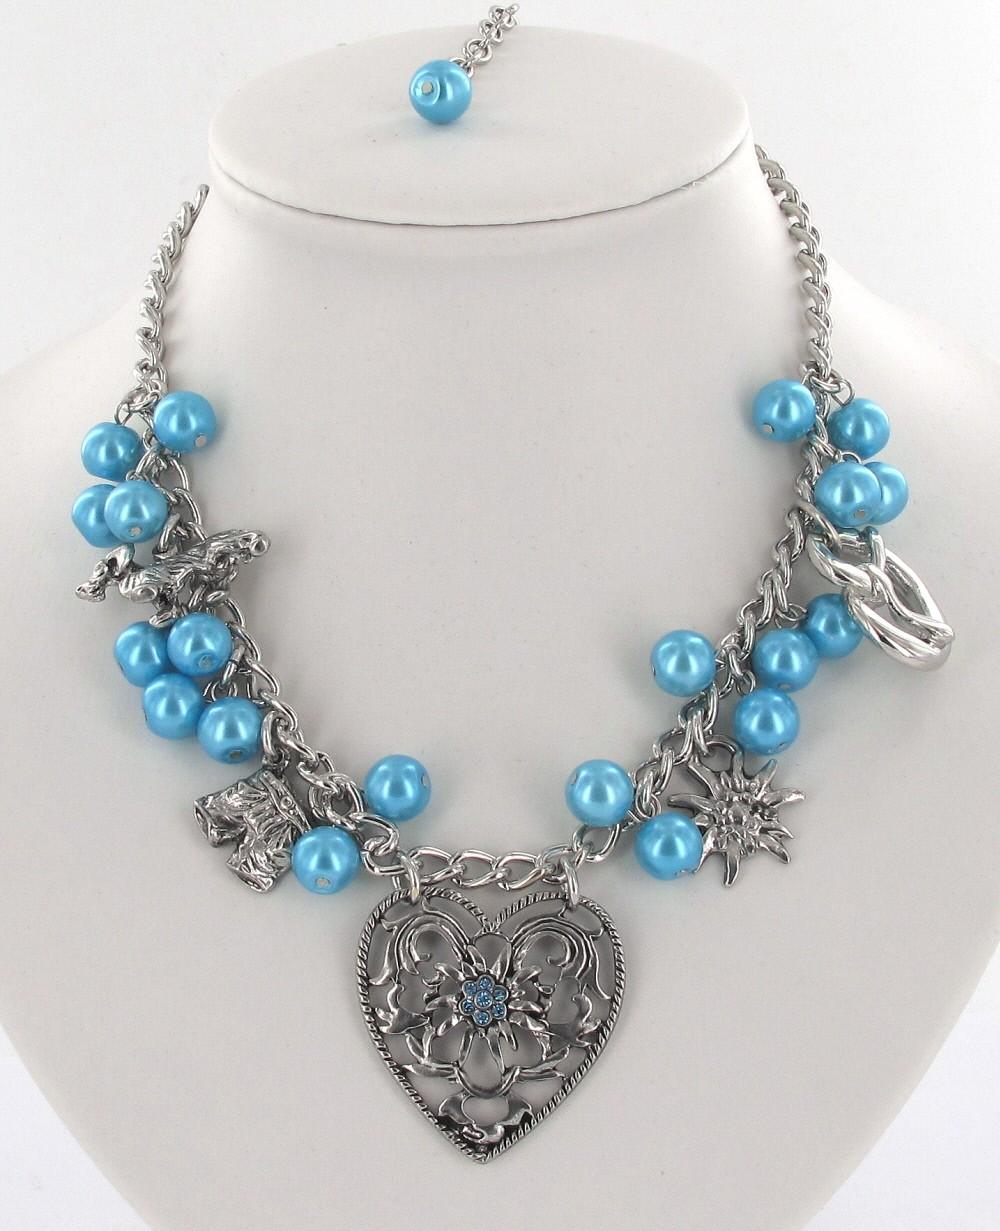 Accessoires & Bijoux Améliorez votre look avec notre grande sélection d'accessoires de mode pour les hommes et les femmes! travabjmsh.ga